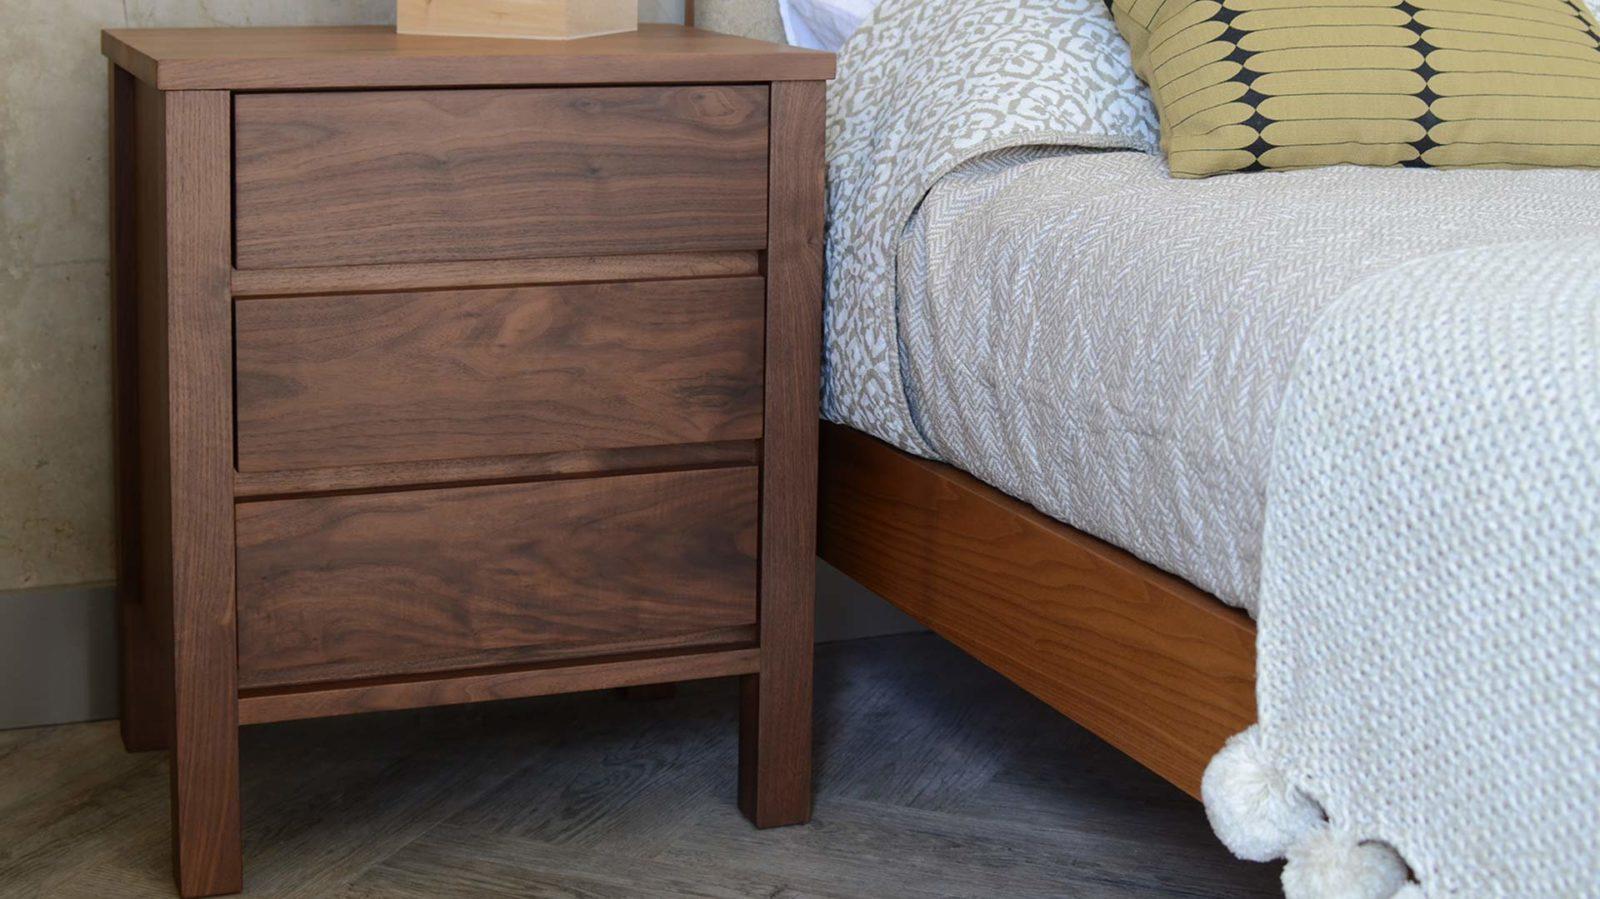 shaker-walnut-3-drawer-bedside-unit